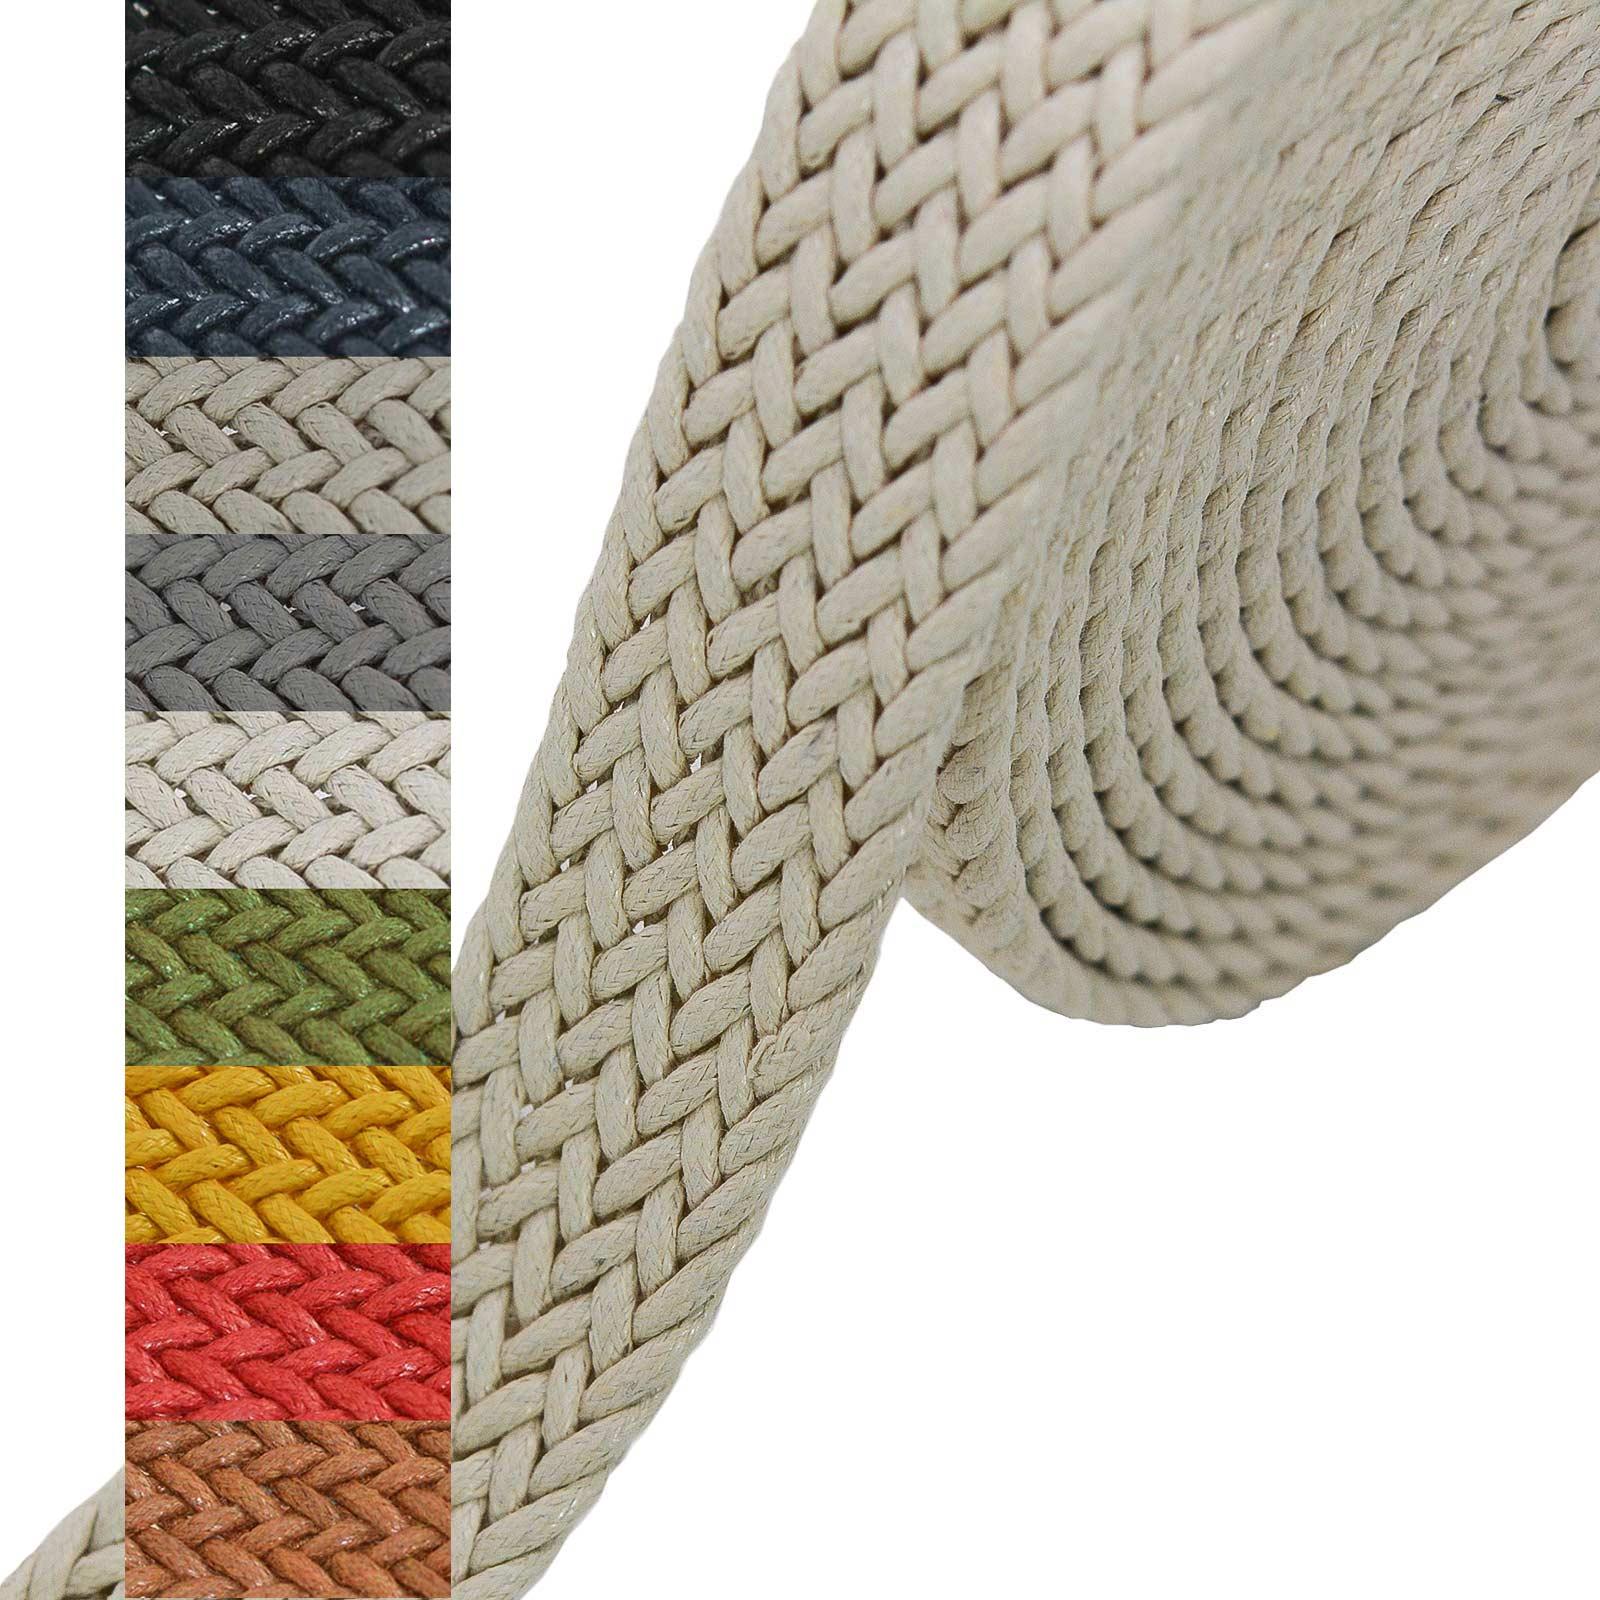 1m Gurtband geflochten Gurte Gurtbänder Kurzwaren Tragegurt Taschengurt Variantenwahl – Bild 6